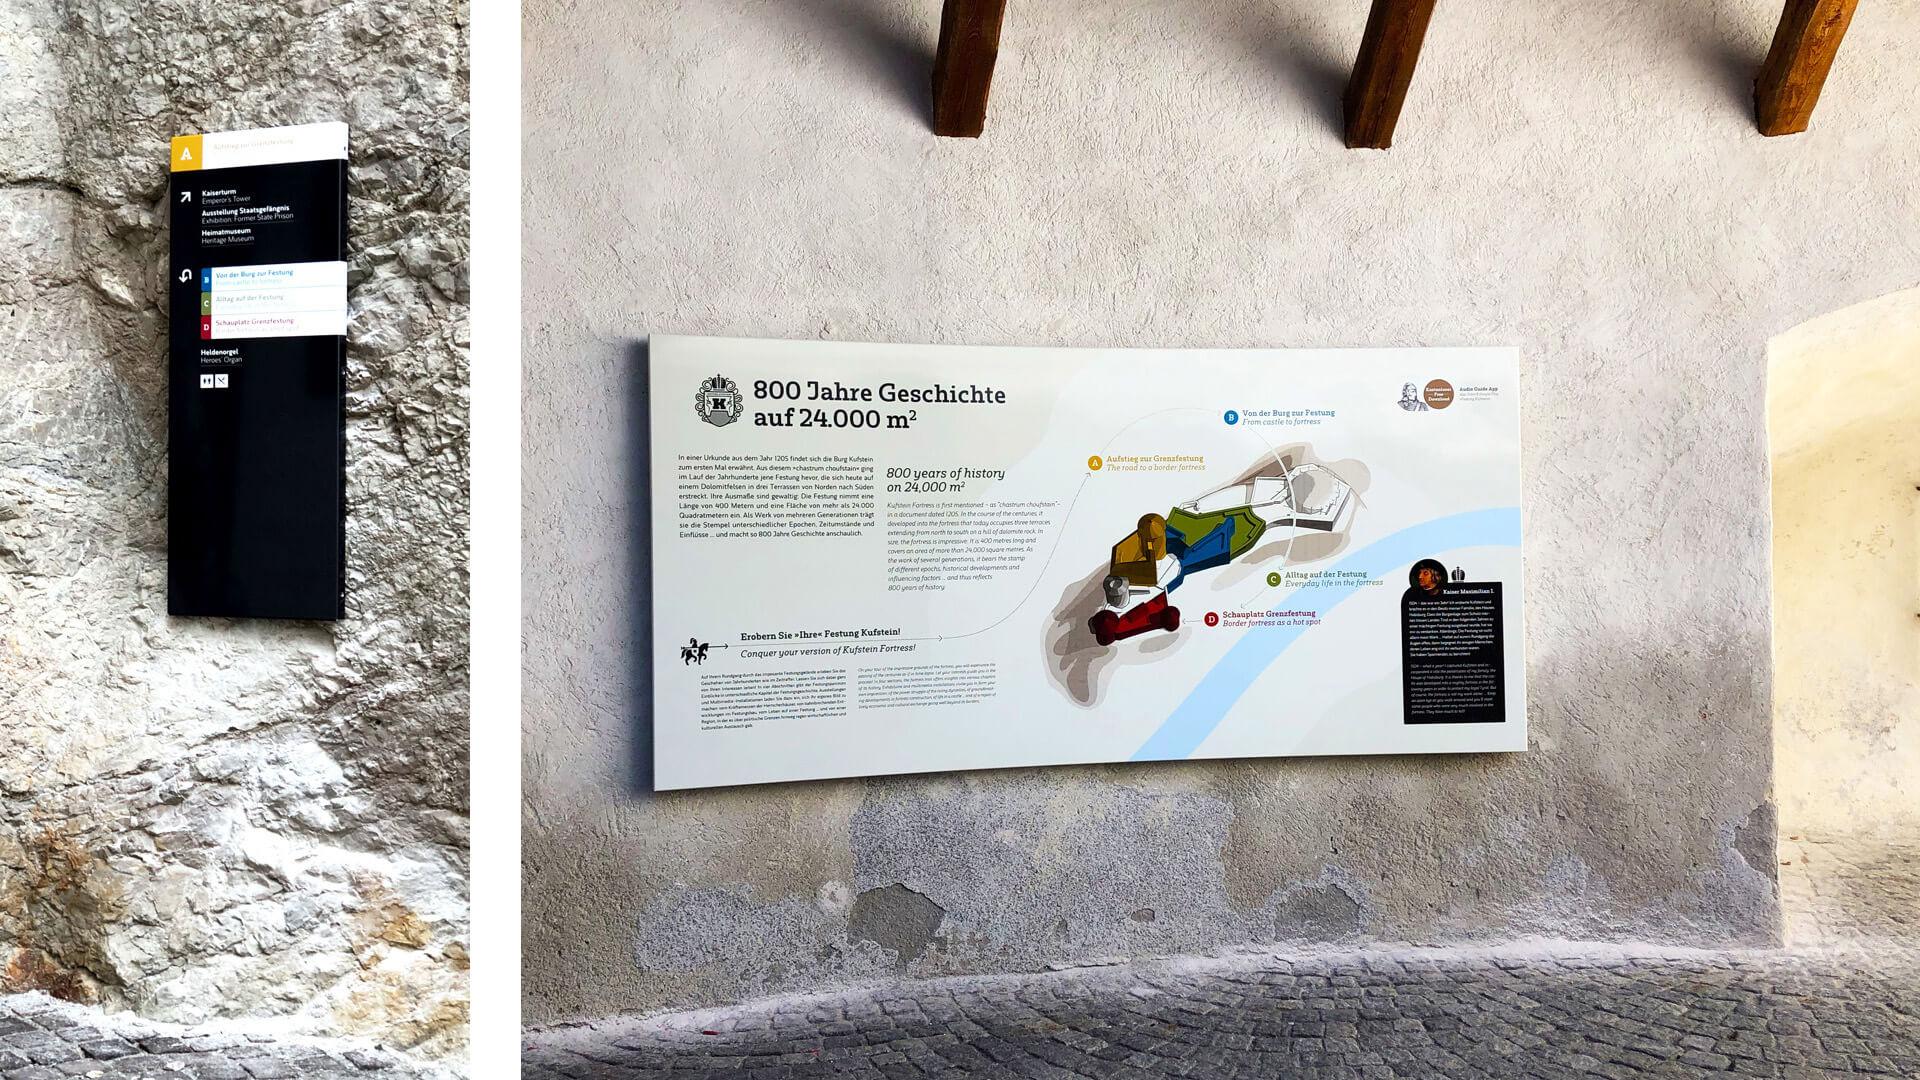 Informations-und-Leitsystem-Festung-Kufstein_02